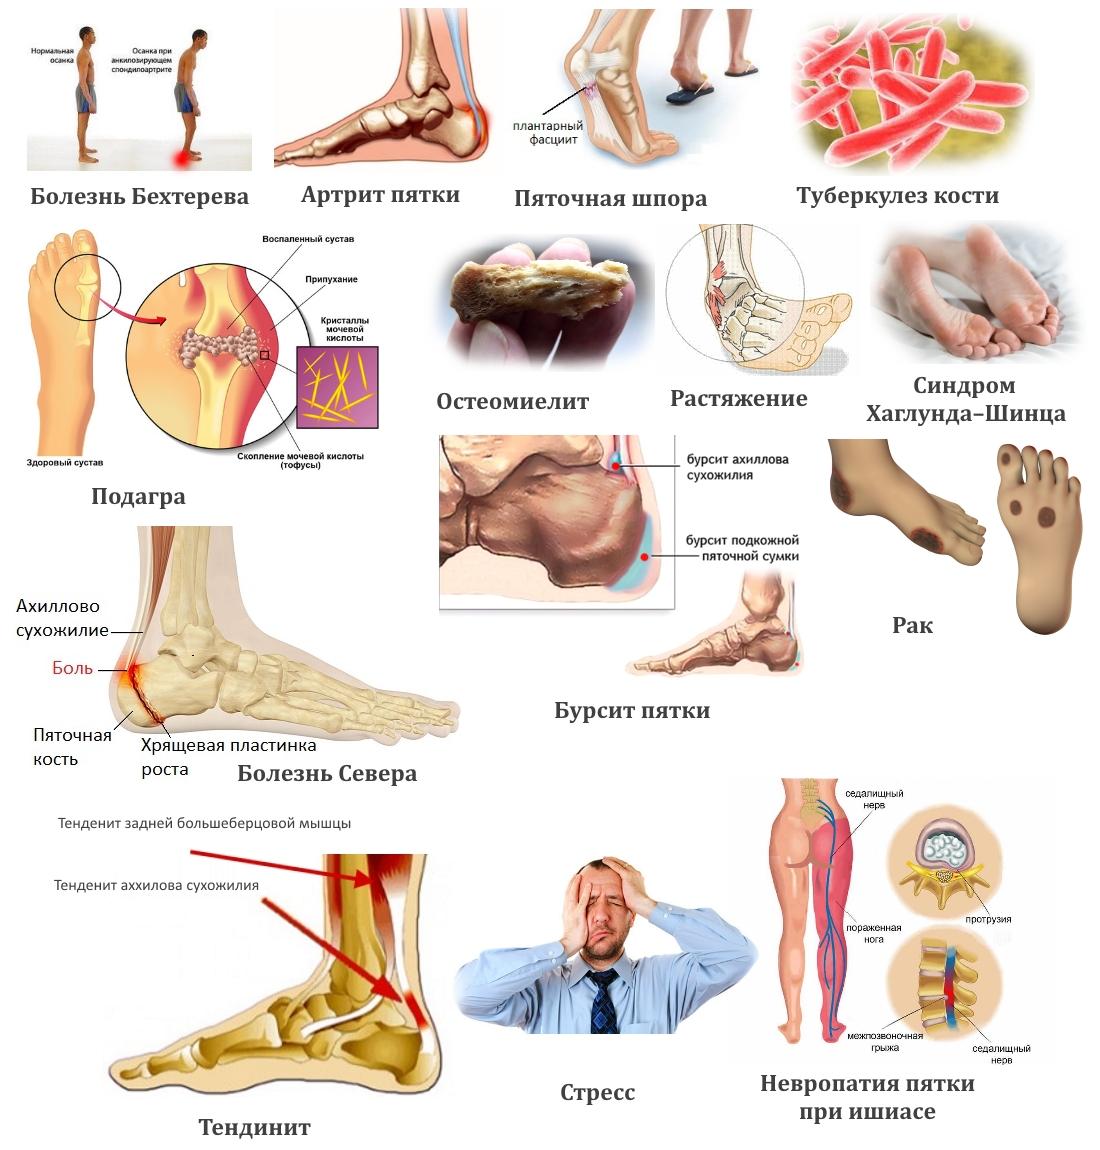 Заболевания — причины боли в пятке